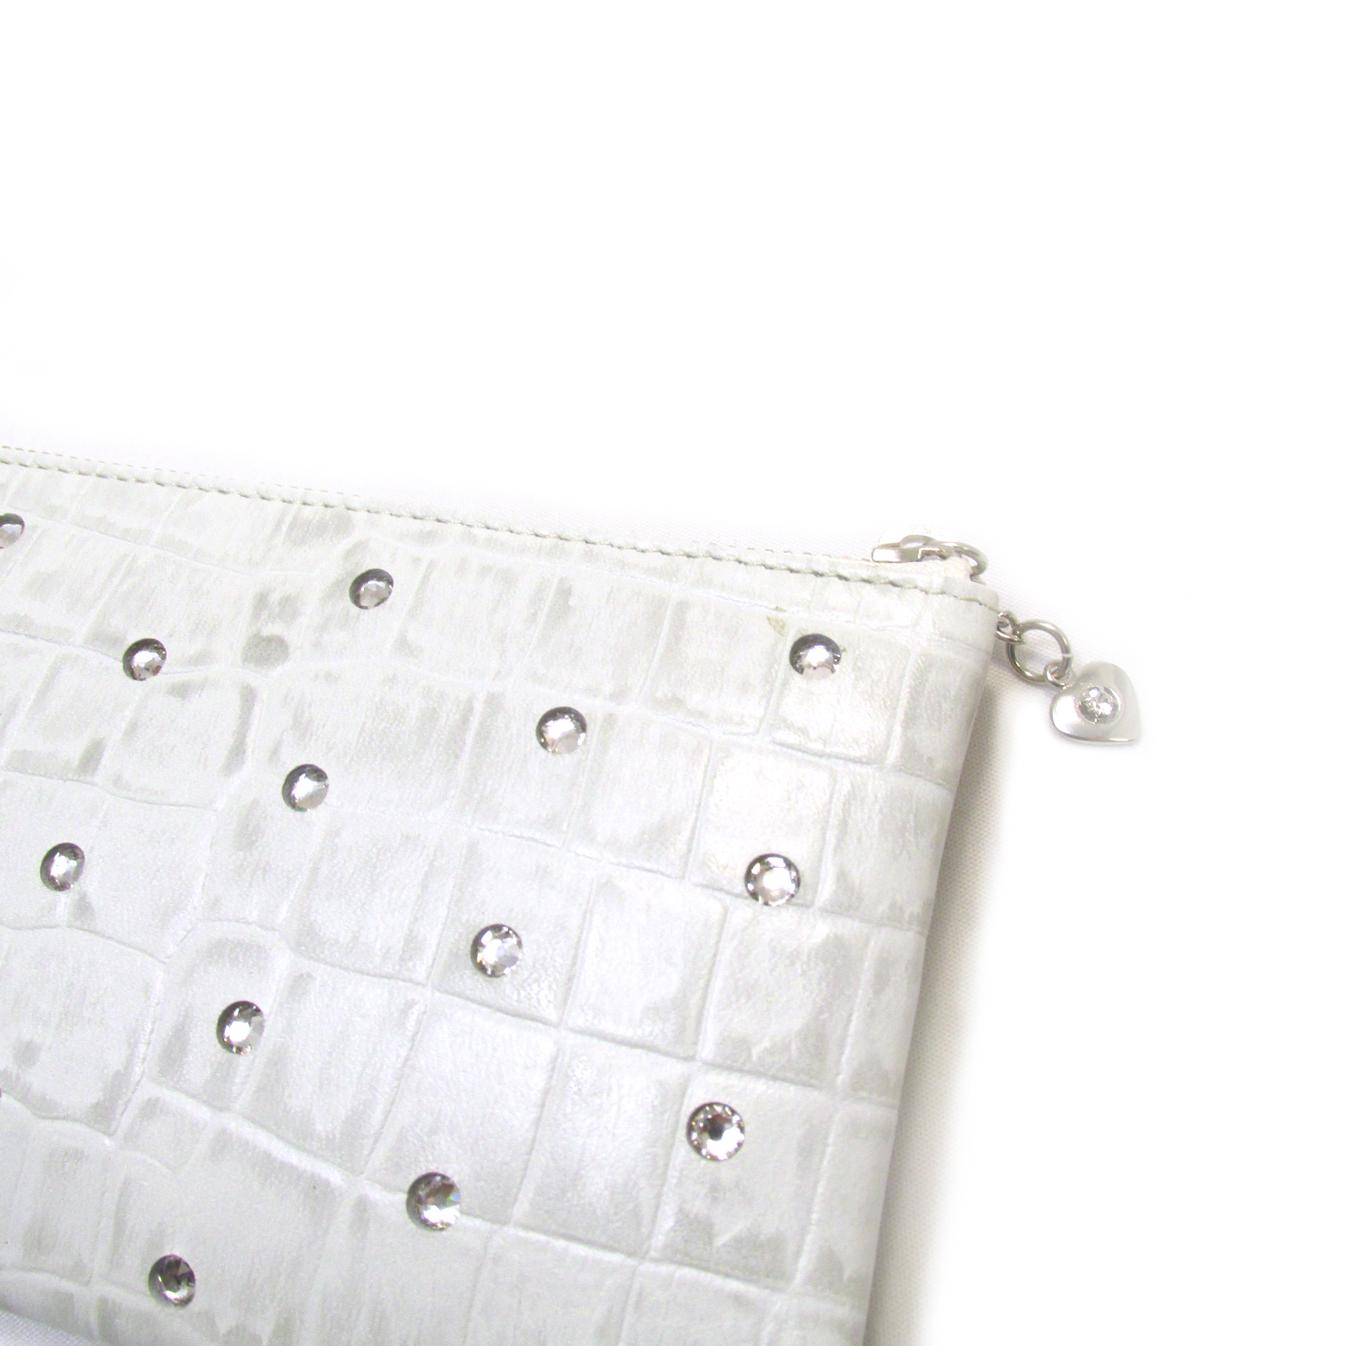 《ビージュエルド》クロコ型押し薄型長財布・キラリと輝くスワロフスキー【雪色】